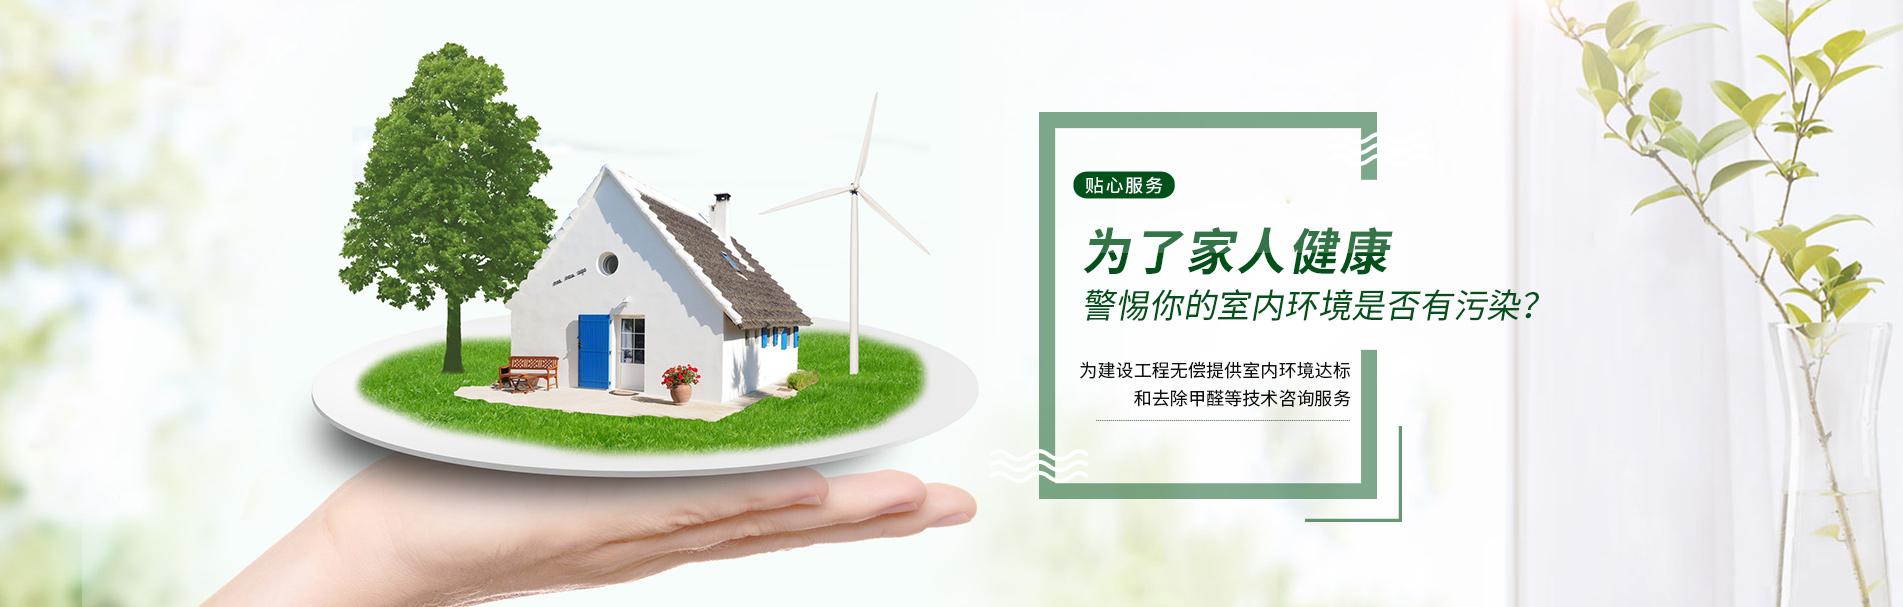 温州新禾工程检测有限公司